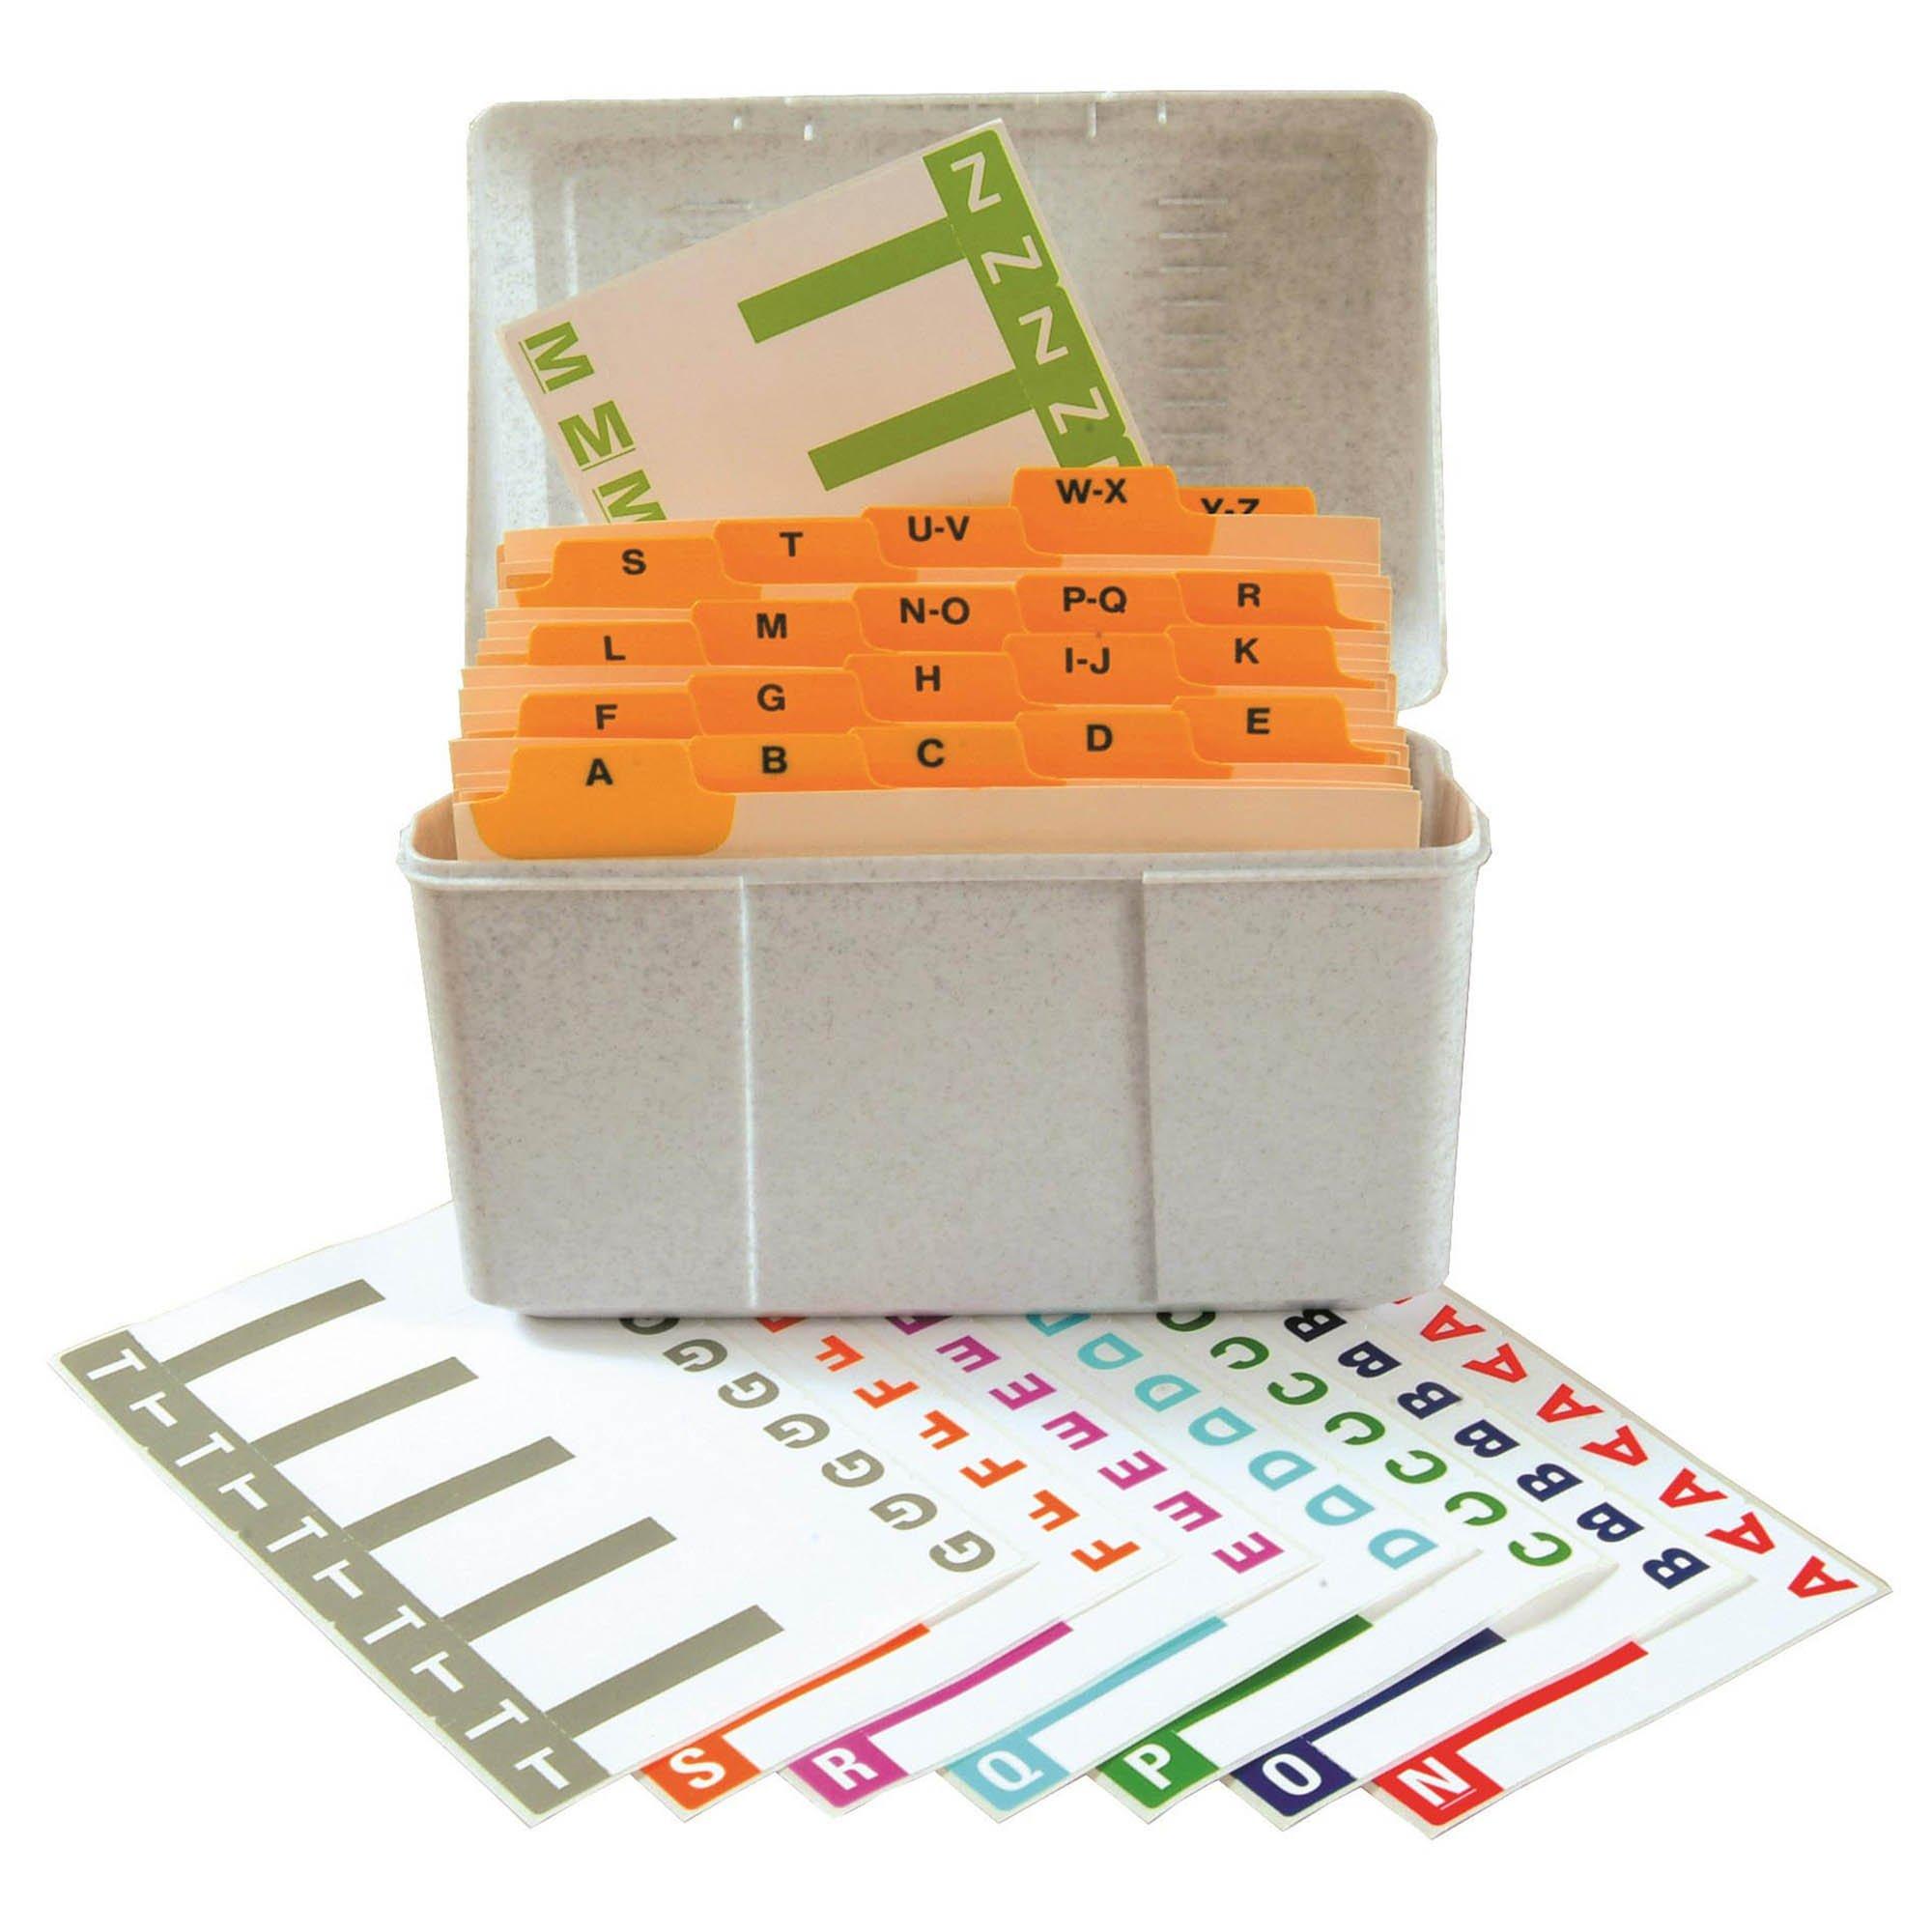 Smead NCC Match SNCC Series Alpha Sheet Labels - Desk Set